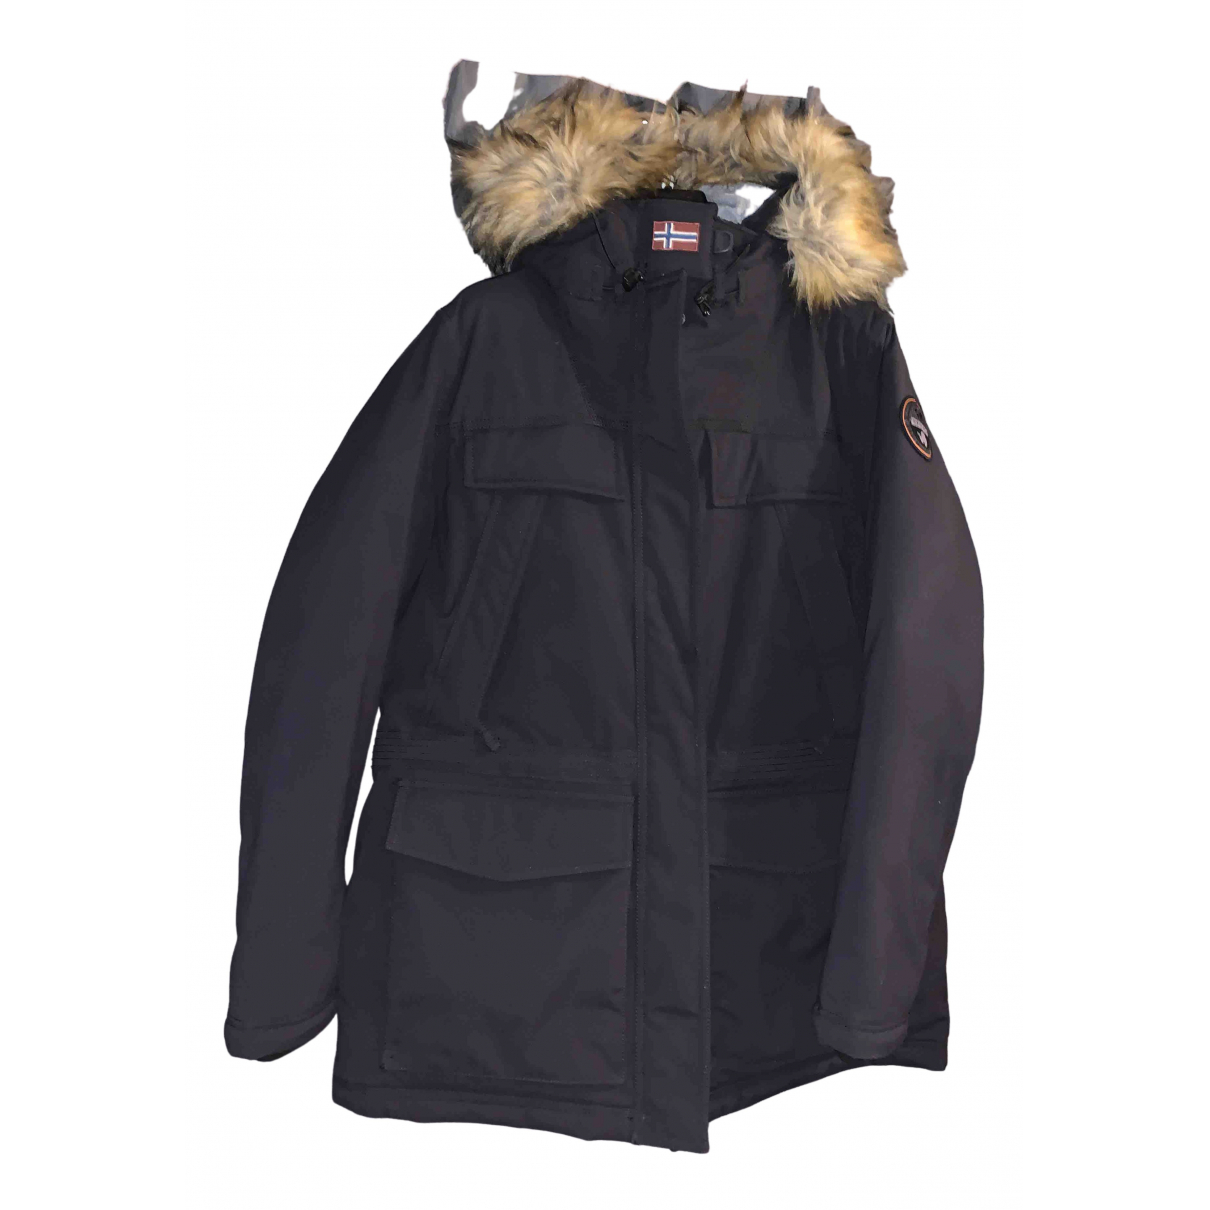 Napapijri - Manteau   pour femme en fourrure synthetique - noir